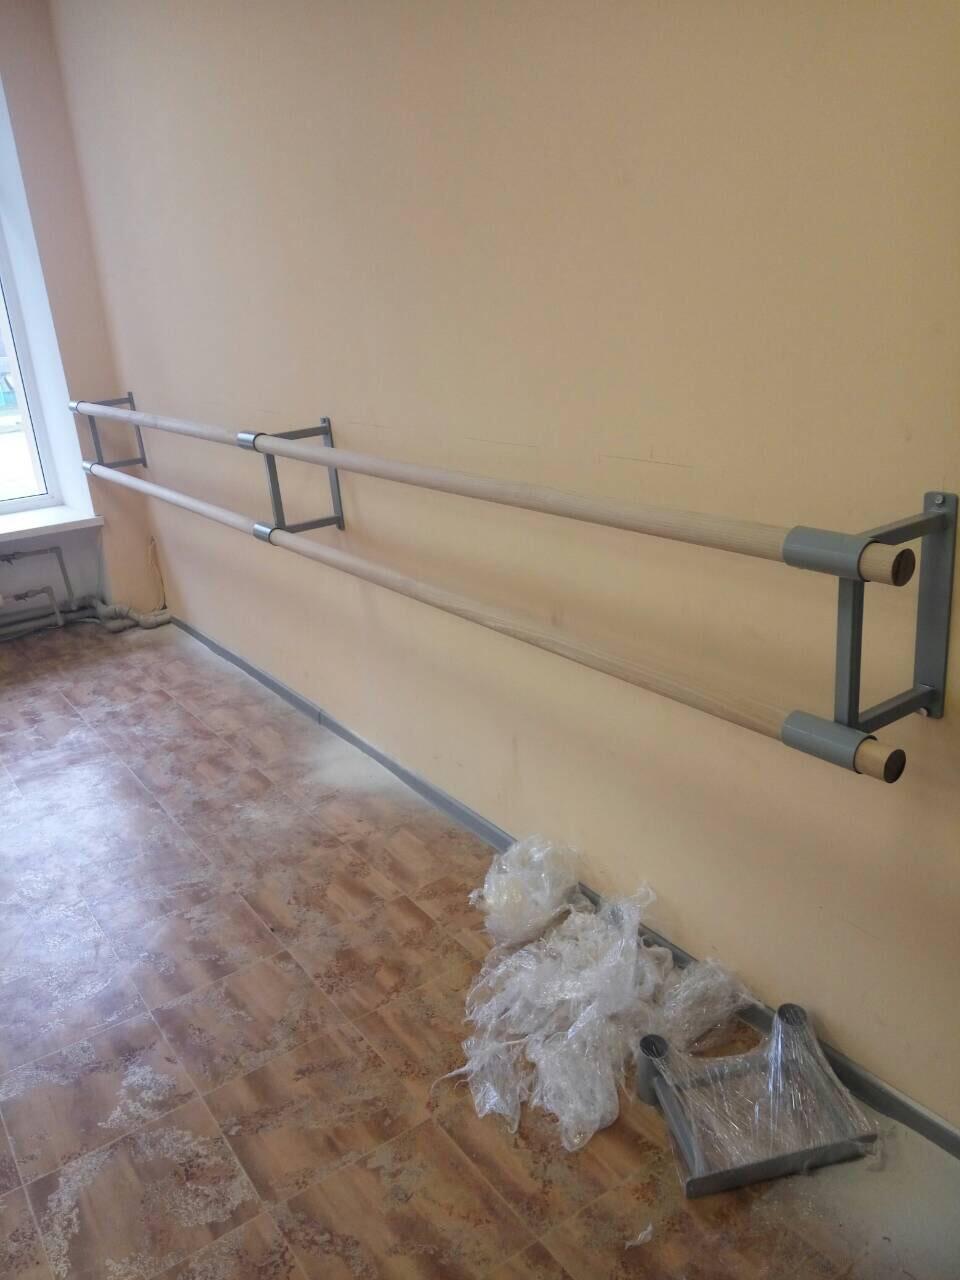 Станок хореографический (балетный) с креплением в стену (полимерное покрытие)